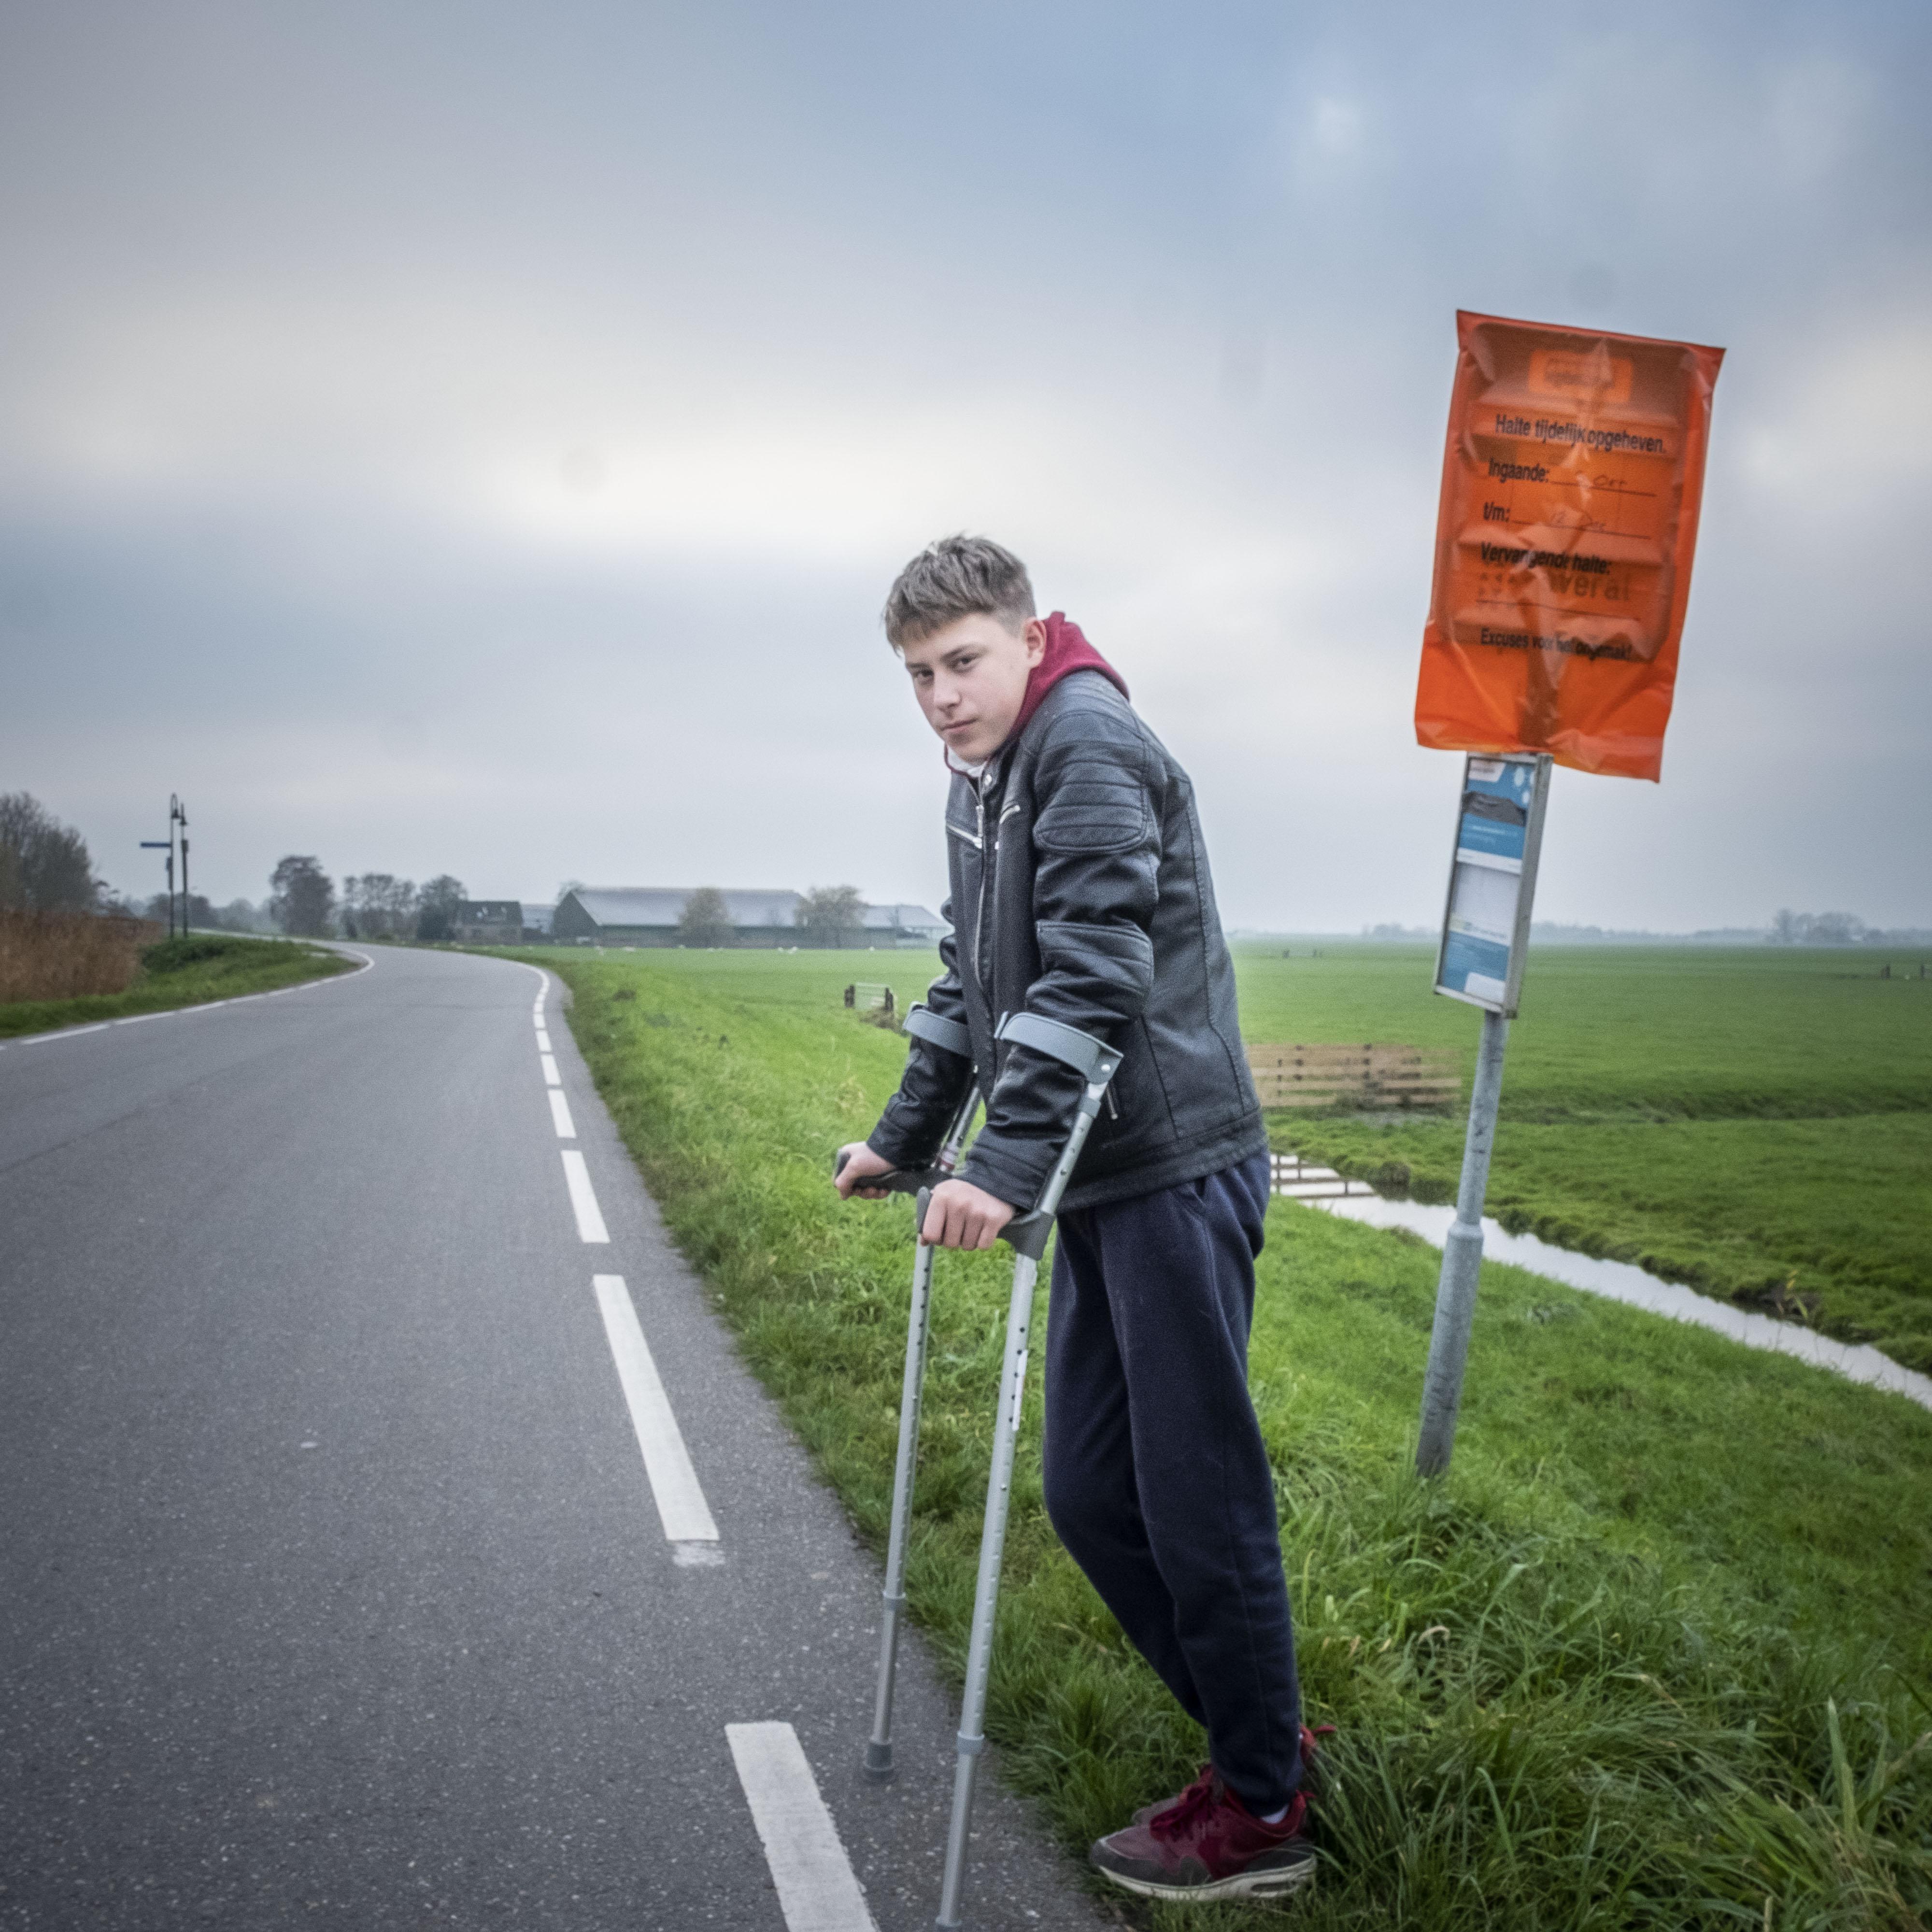 Wouter(15) uit Grootschermer kneust zijn knie en mag niet meer fietsen. De bus dus. Die komt niet. Hij kan niet op de school komen in Alkmaar. Een brief aan de burgemeester volgt